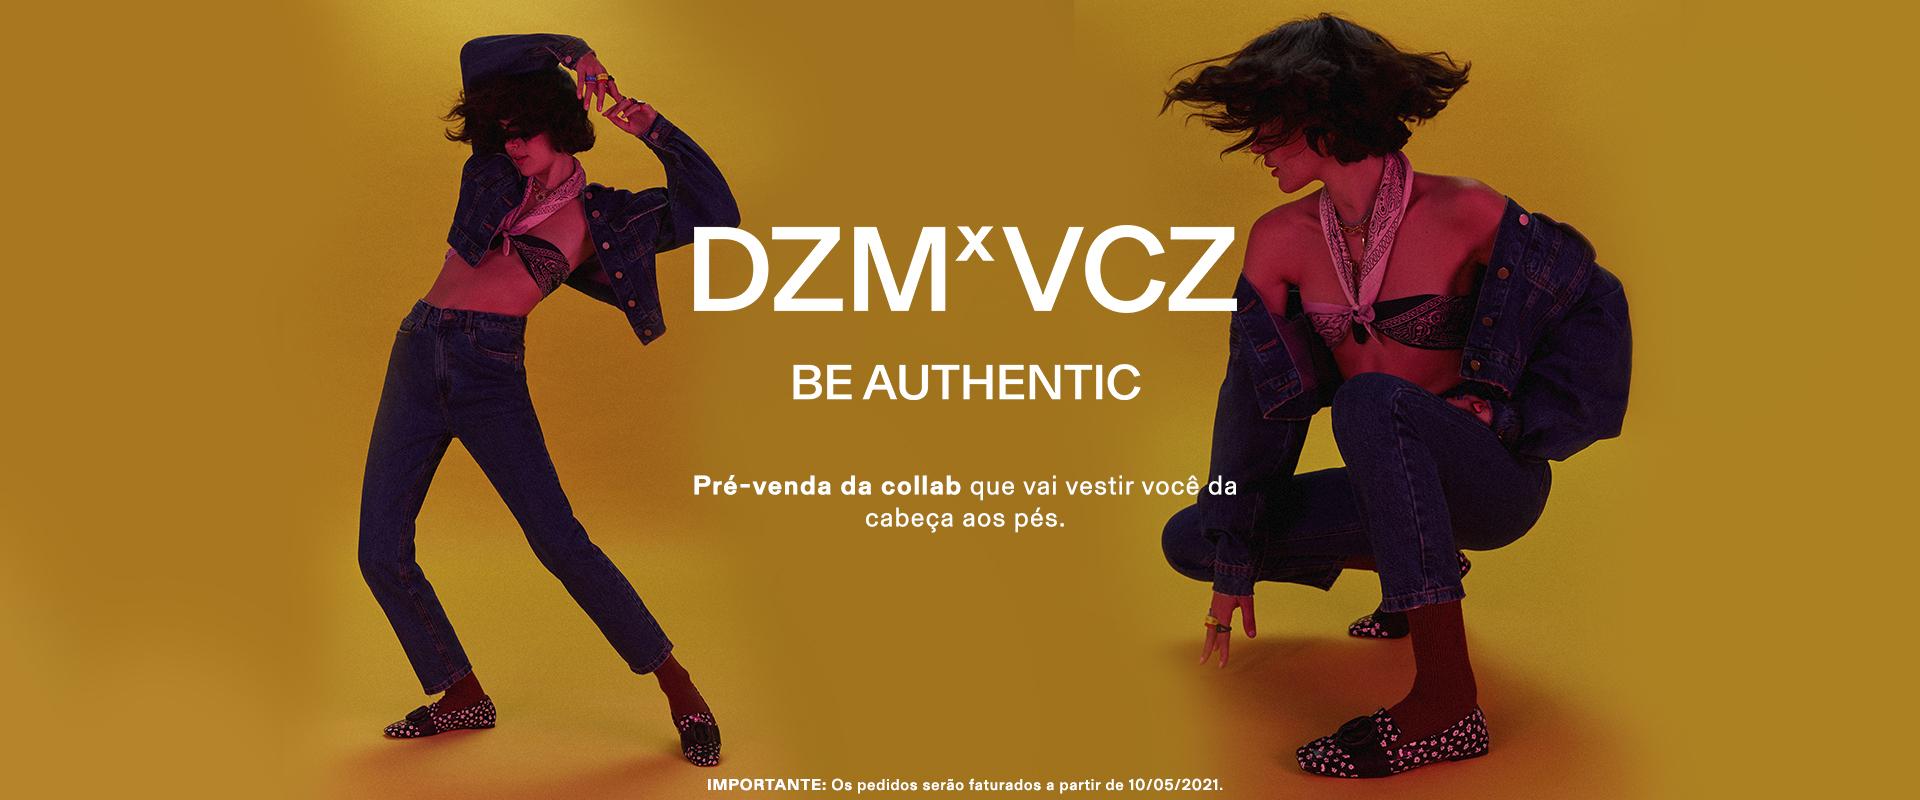 Pre-venda DZMxVCZ 06-05 - Pre-venda DZMxVCZ 06-05